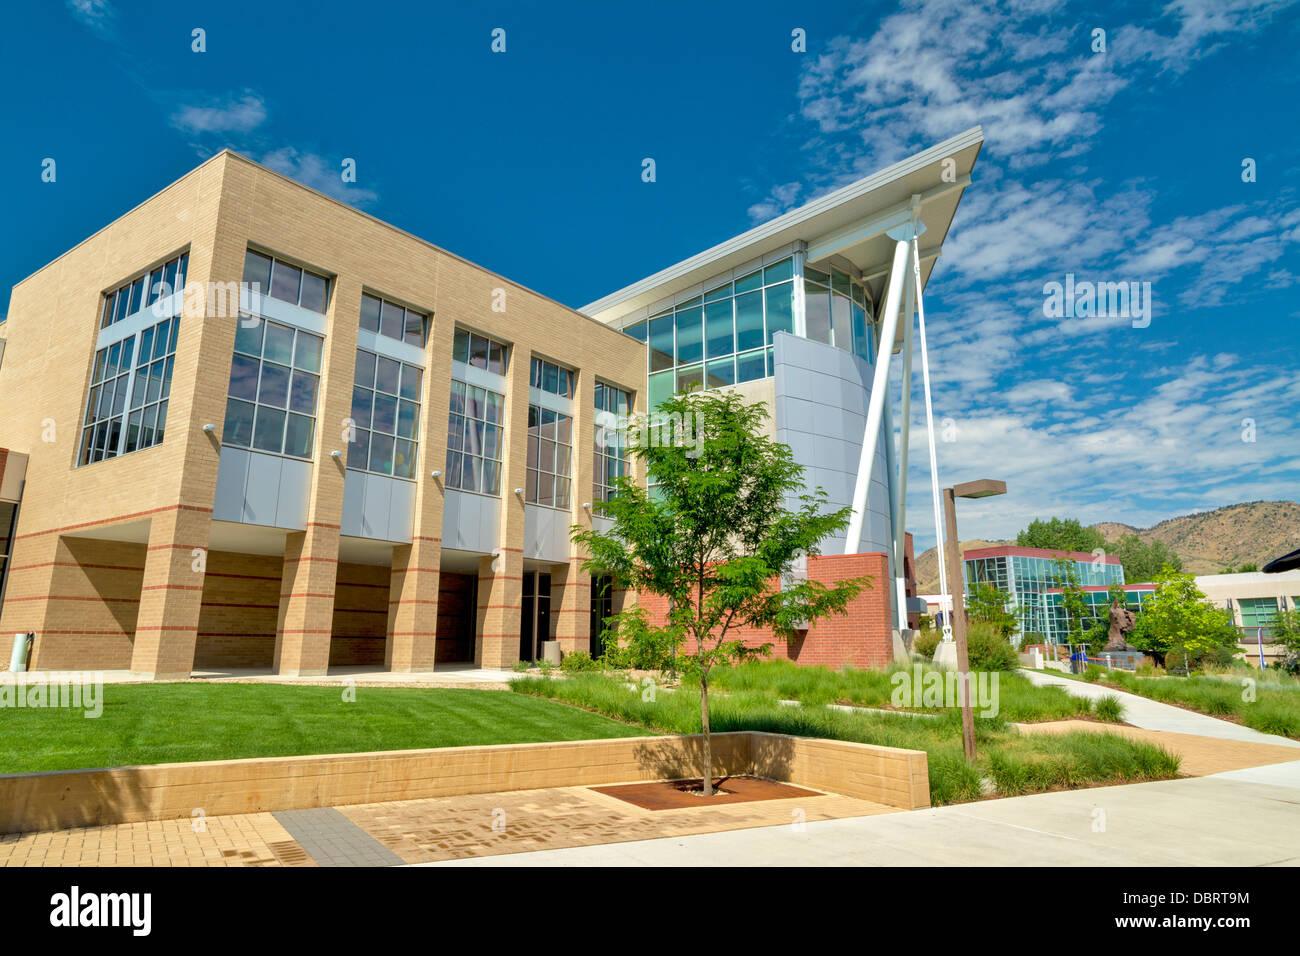 Impianto sportivo a Colorado School of Mines Immagini Stock